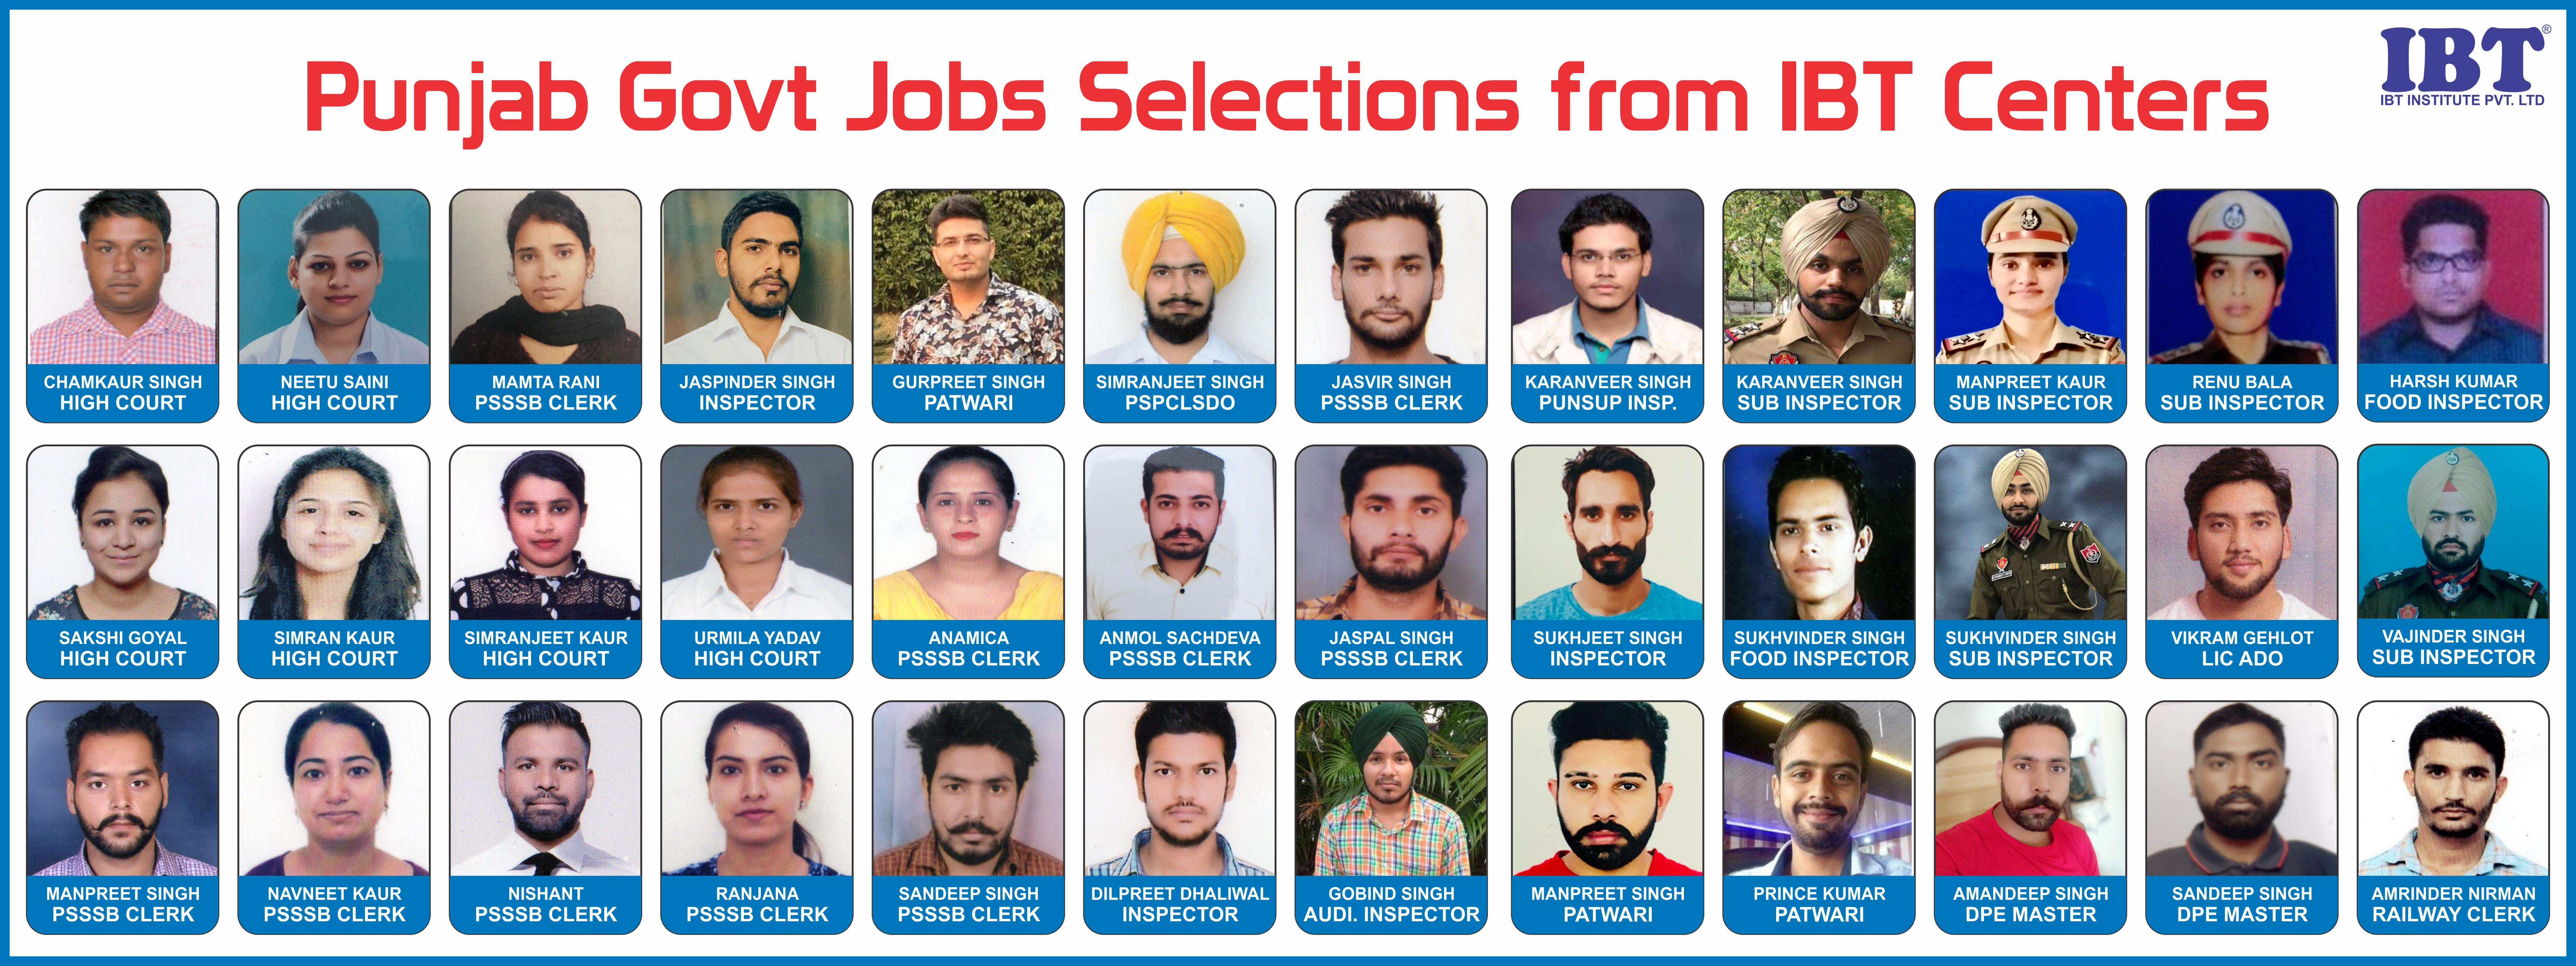 Punjab Government Job Selections